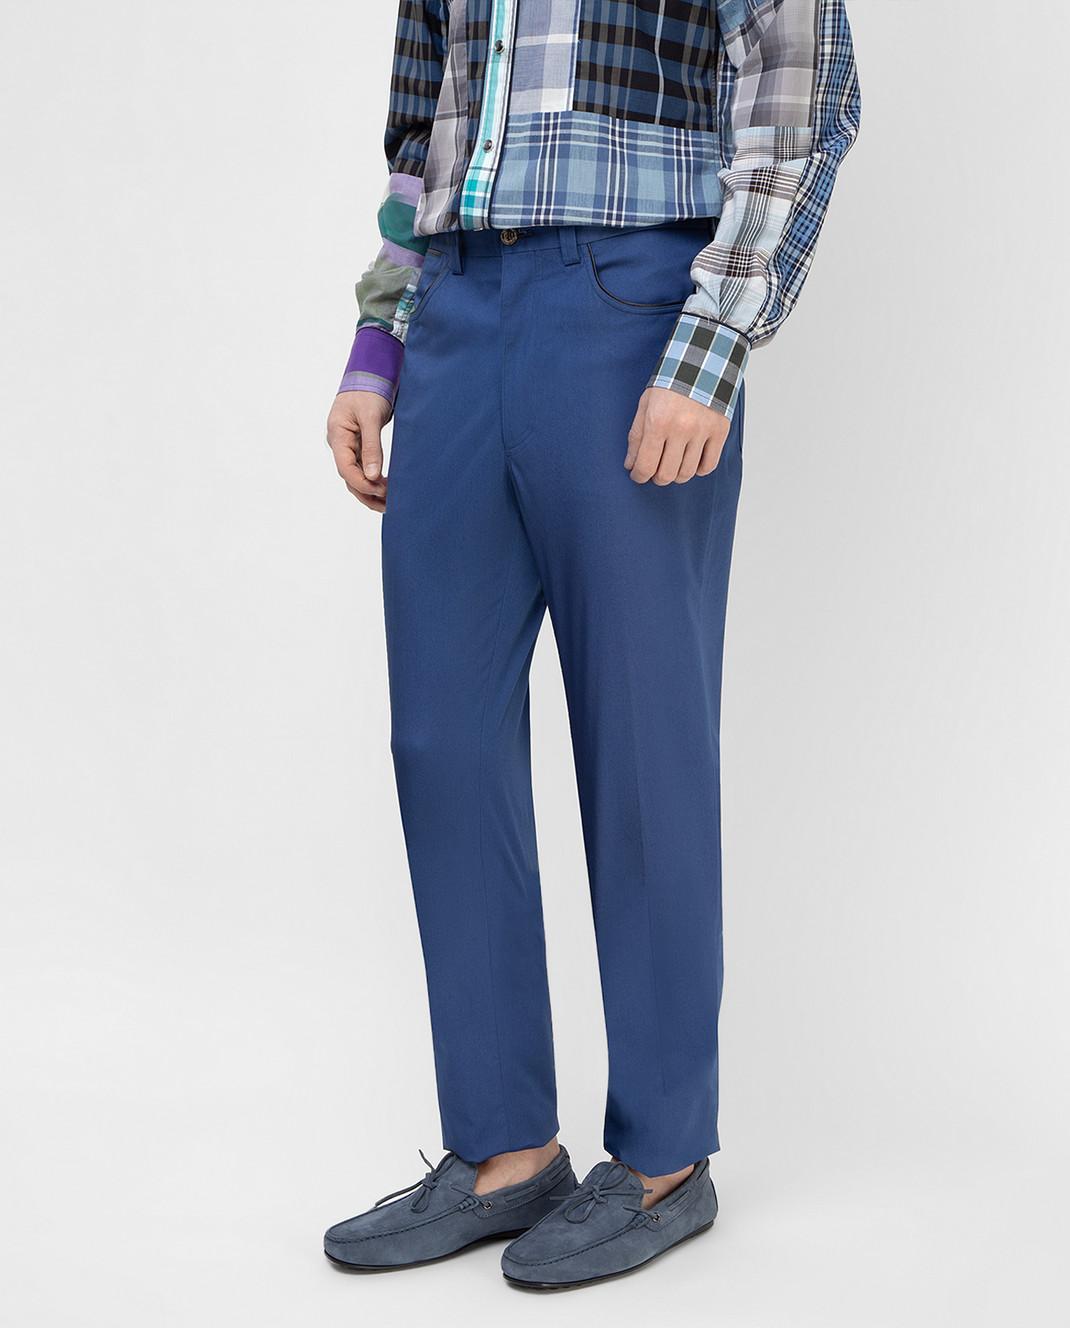 Stefano Ricci Синие брюки M1T8100020 изображение 3